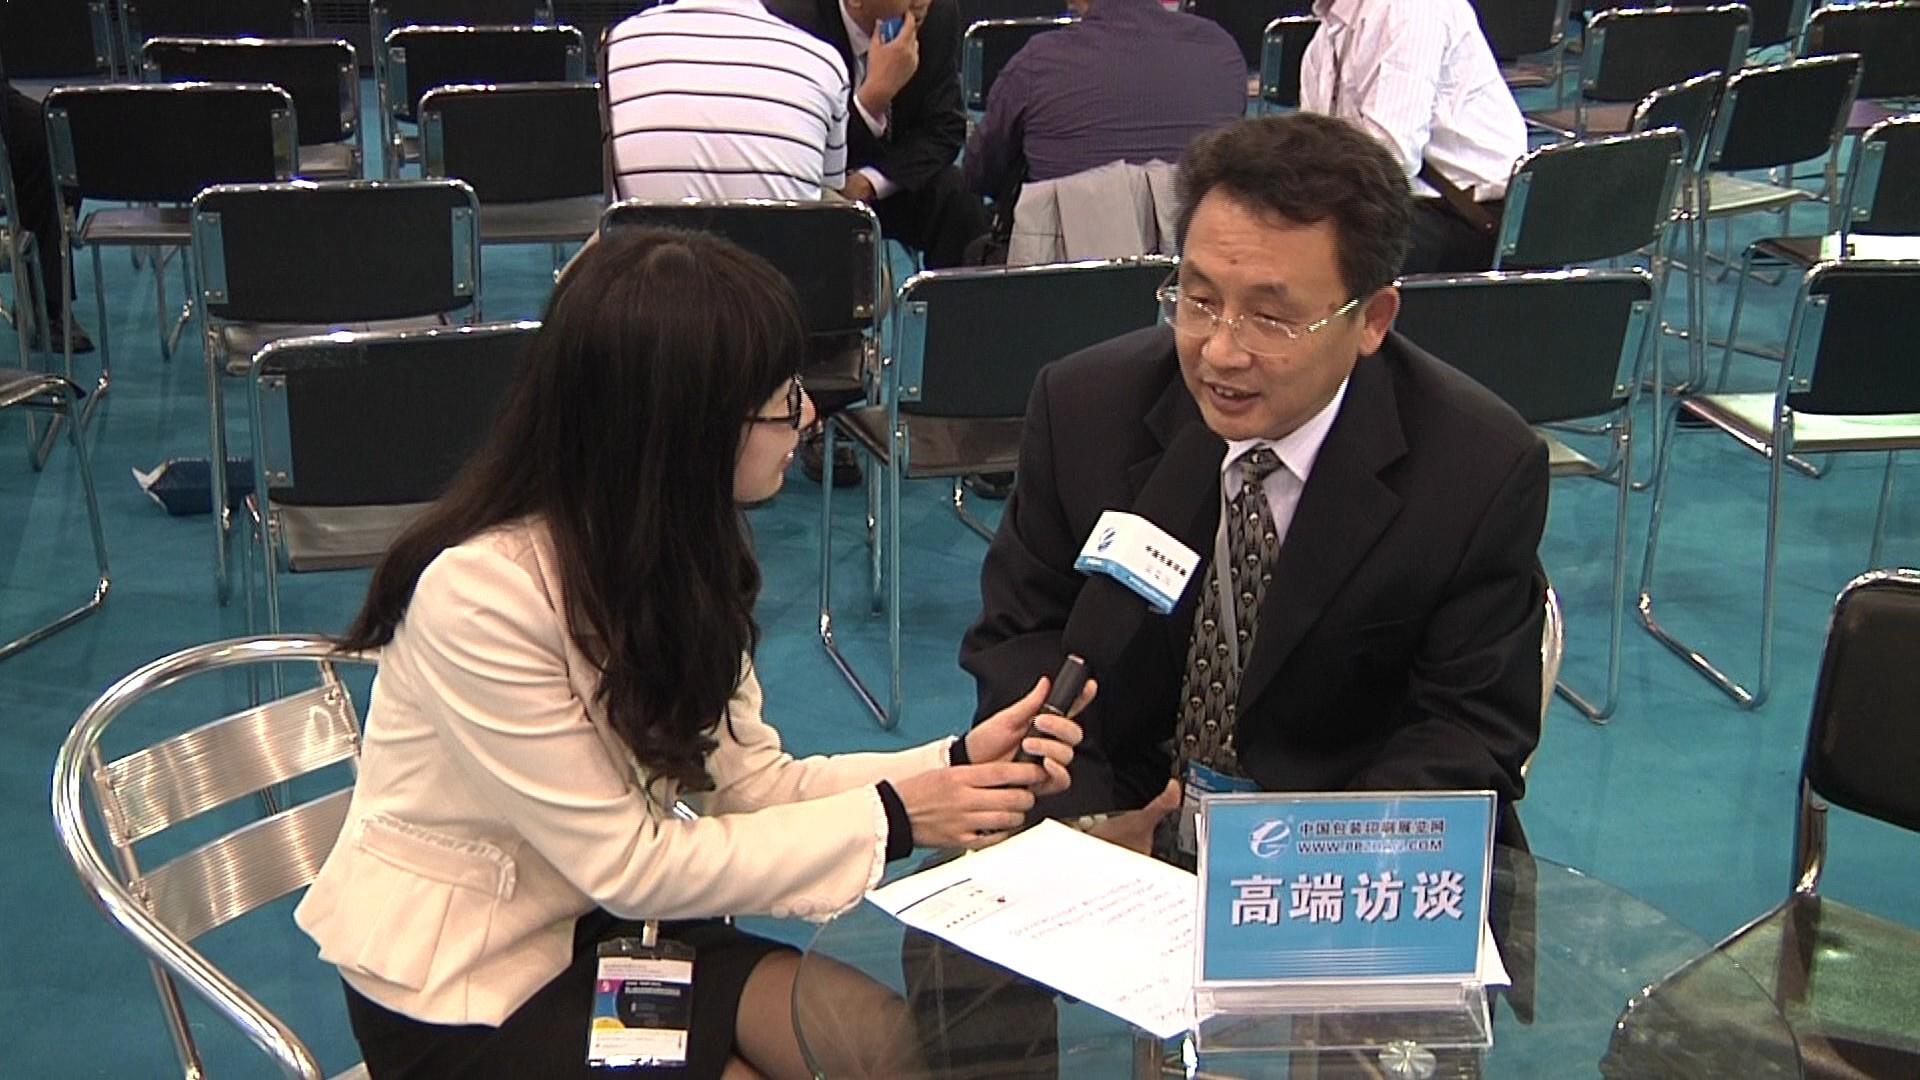 江苏昌昇:做有社会责任感的企业